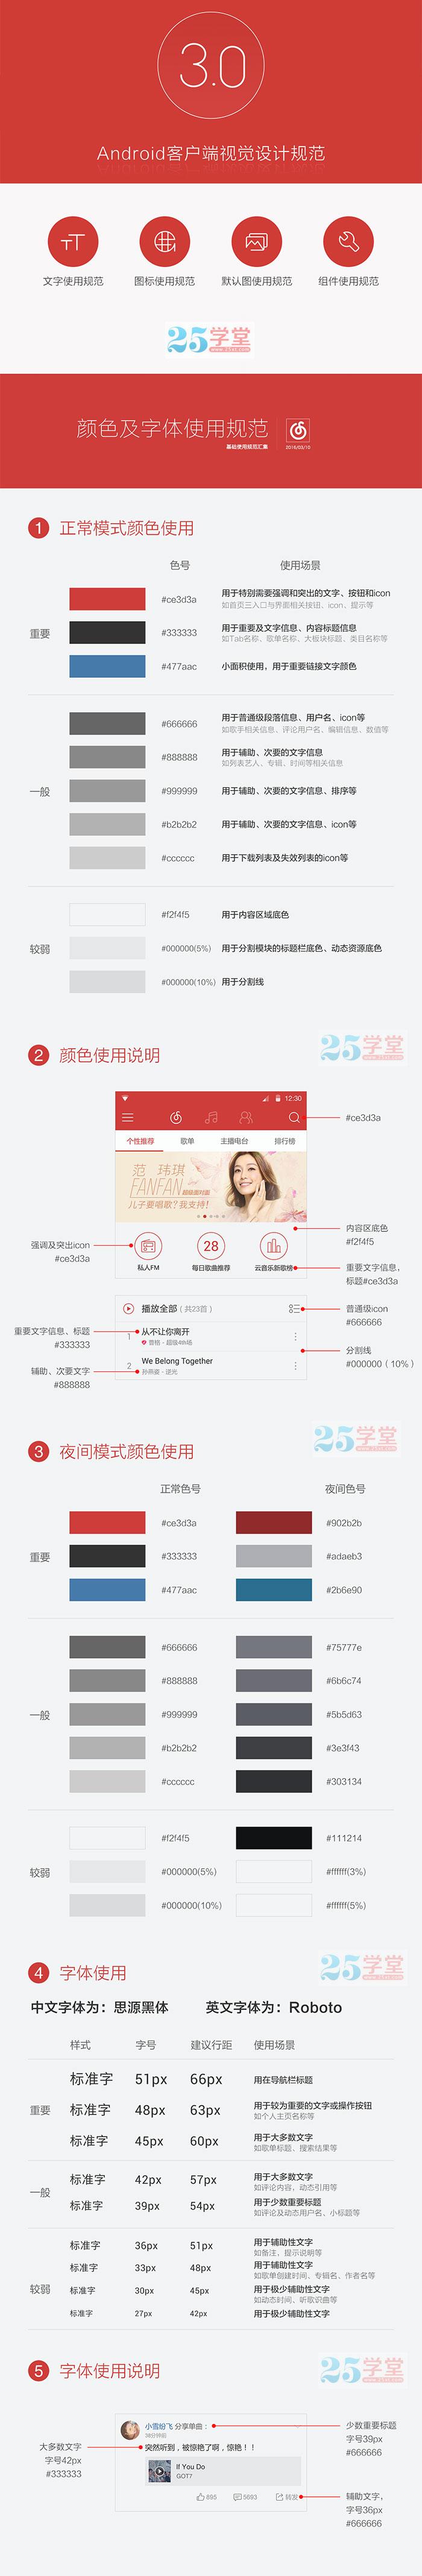 网易云音乐【Android】视觉设计规范_01